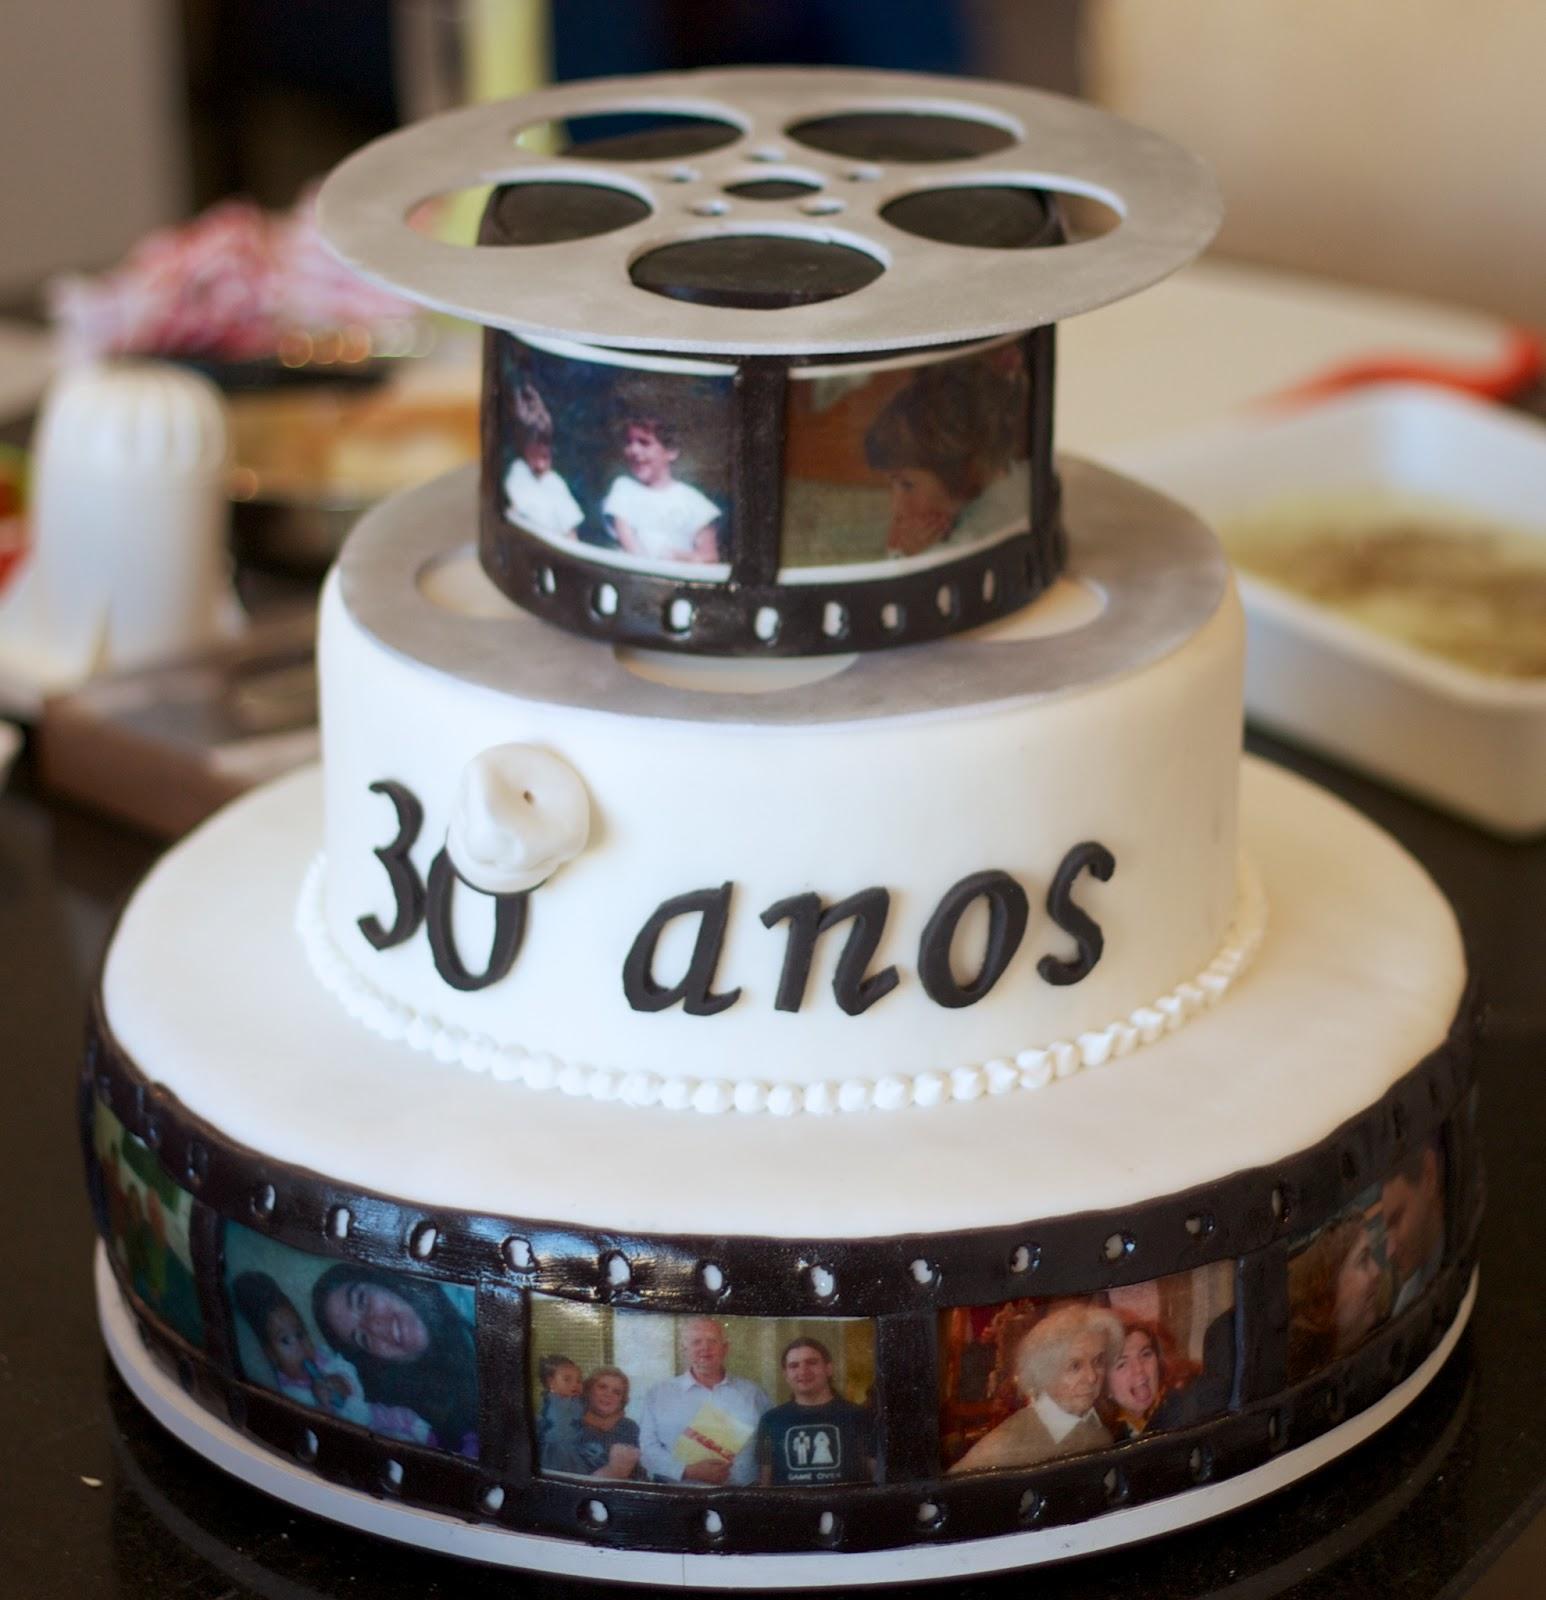 Paty designer de bolos bolo de aniversrio de 30 anos bolo aniversrio com fotos ganache chocolate filme cinema altavistaventures Gallery